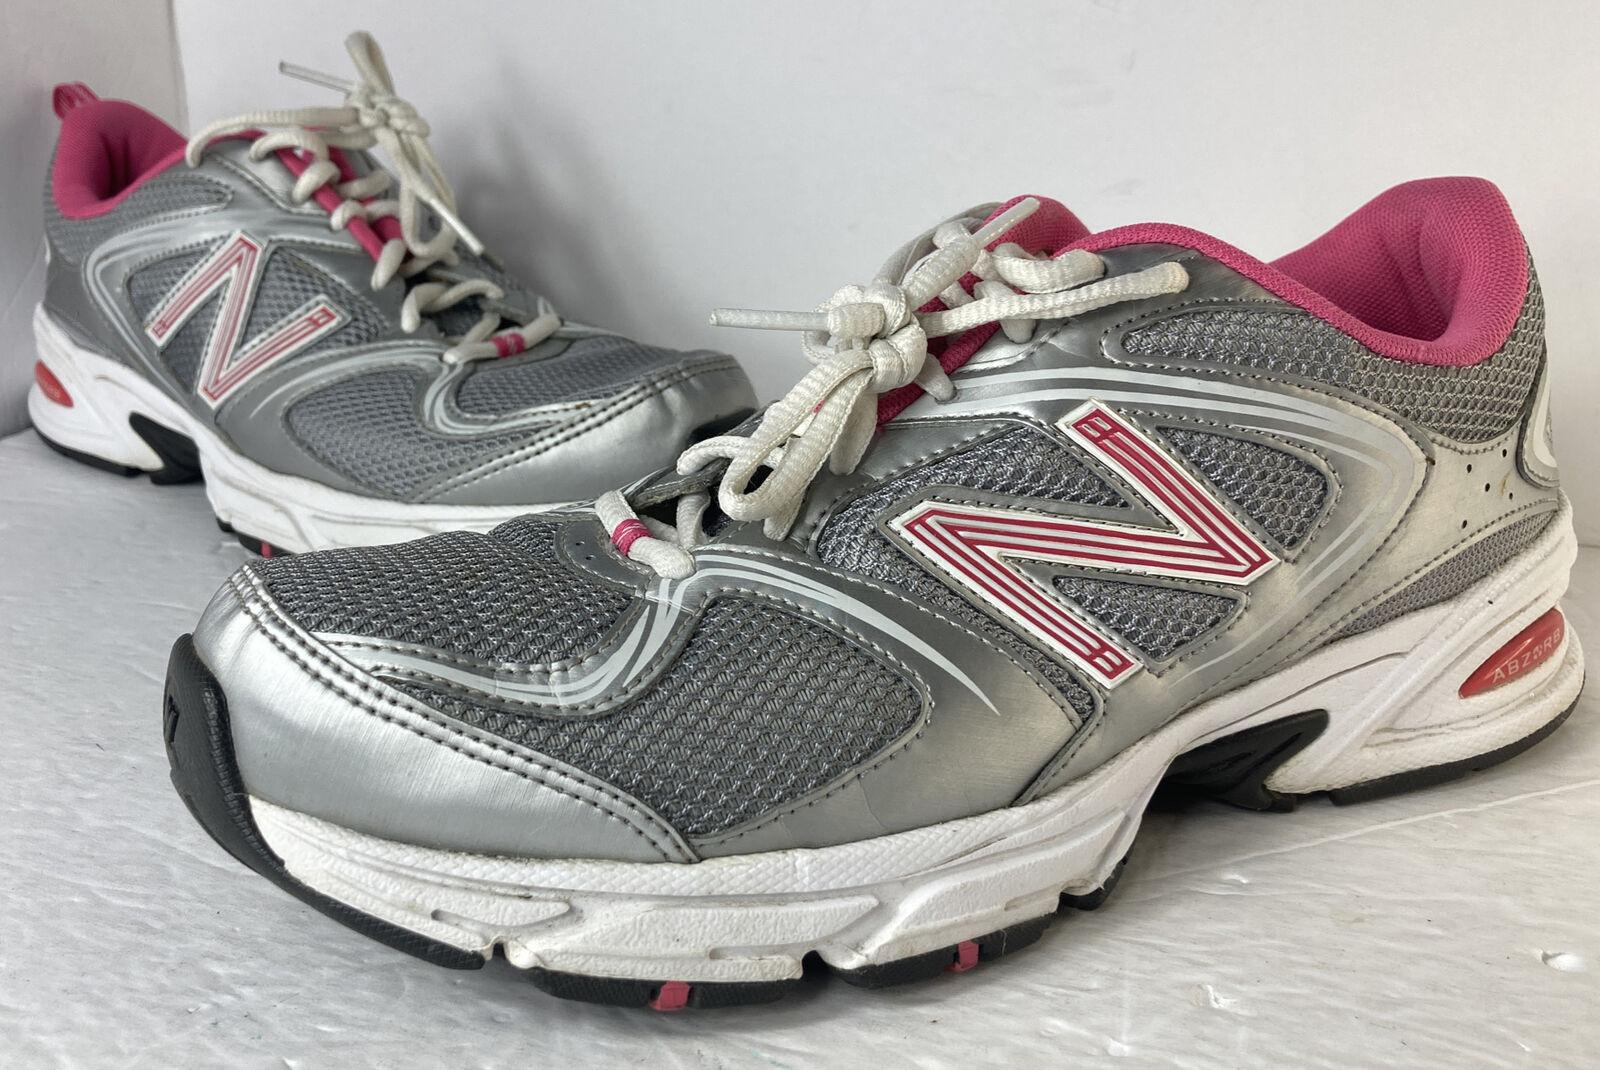 New Balance 540 Running Shoes W540SP1 Women's SIZE 9.… - Gem